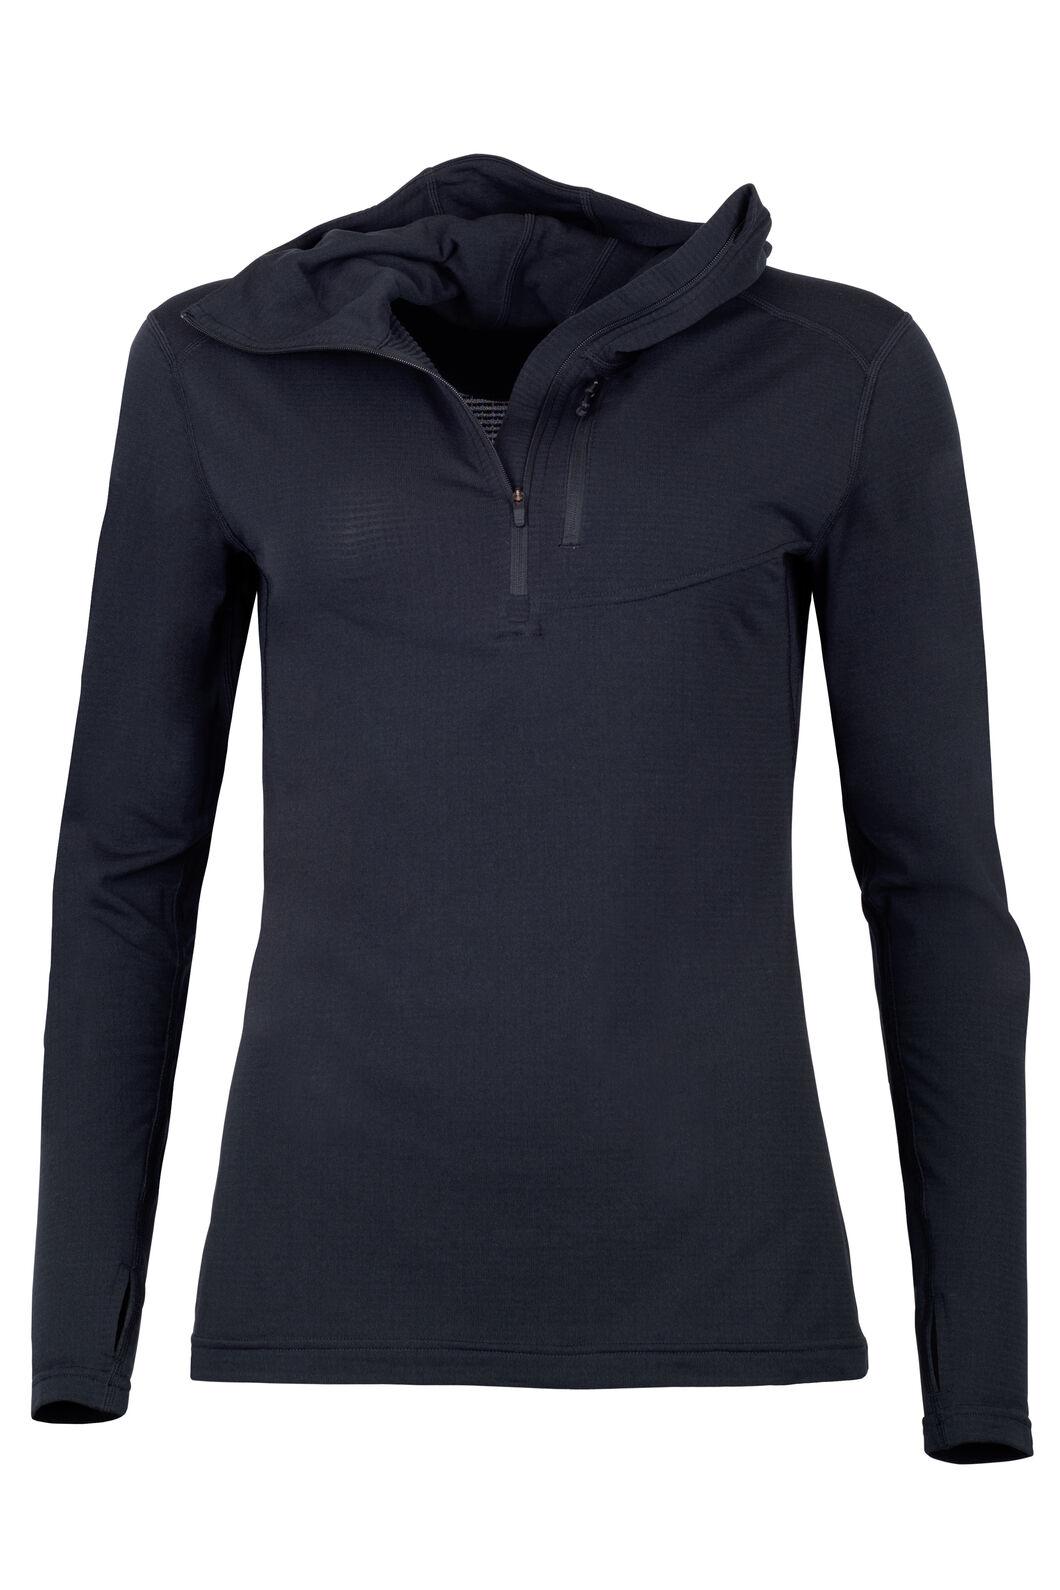 ProThermal Hooded Top - Women's, Black, hi-res